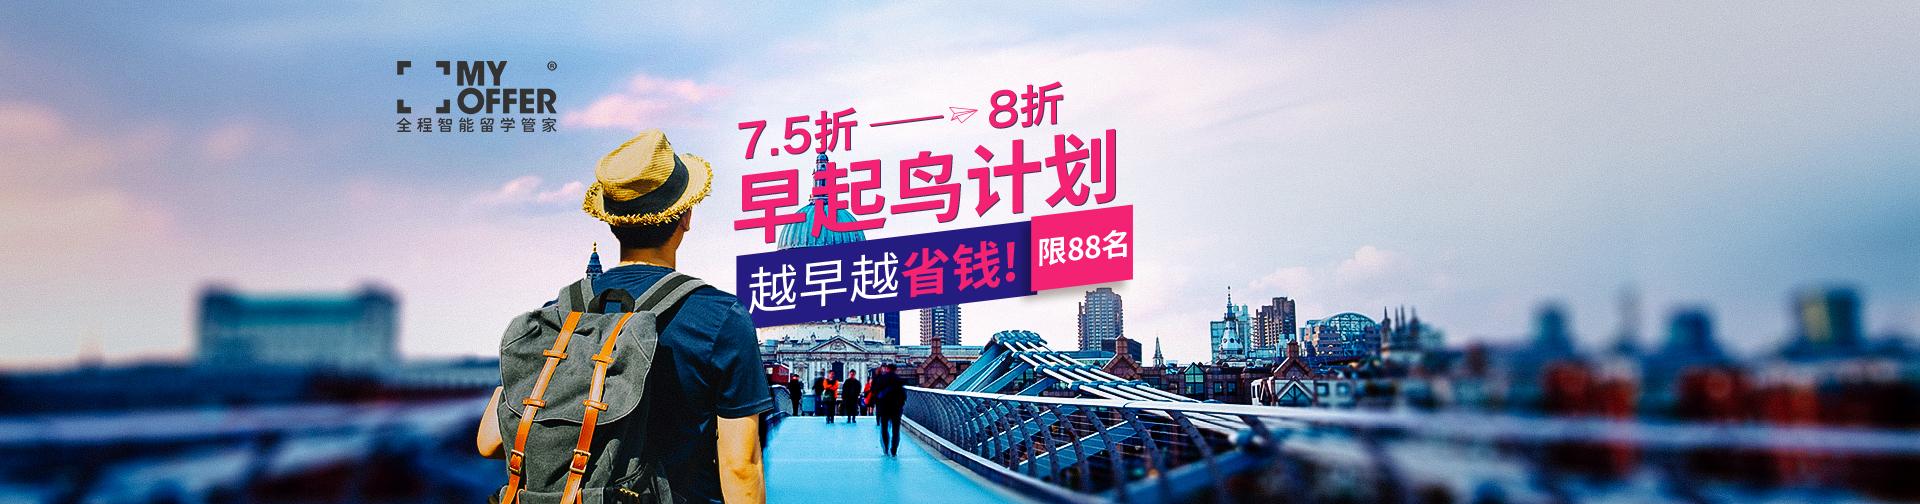 http://myoffer-public.oss-cn-shenzhen.aliyuncs.com/banners/4a8a5d8612d7f7e0a1f7c369828f394b-907993-1920x504.jpeg